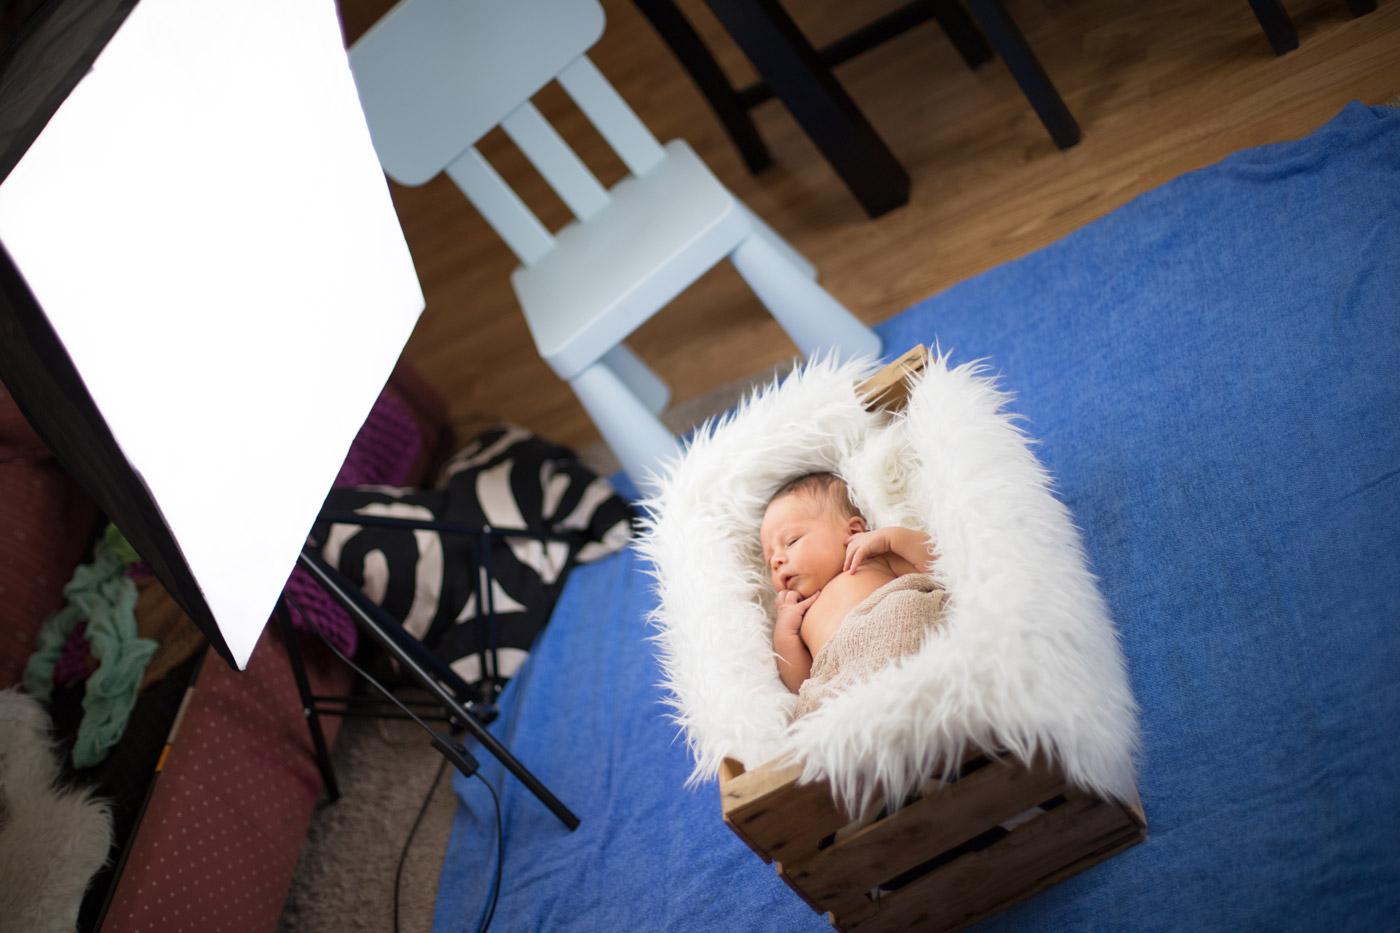 puesta en escena para fotografía newborn con luz continua